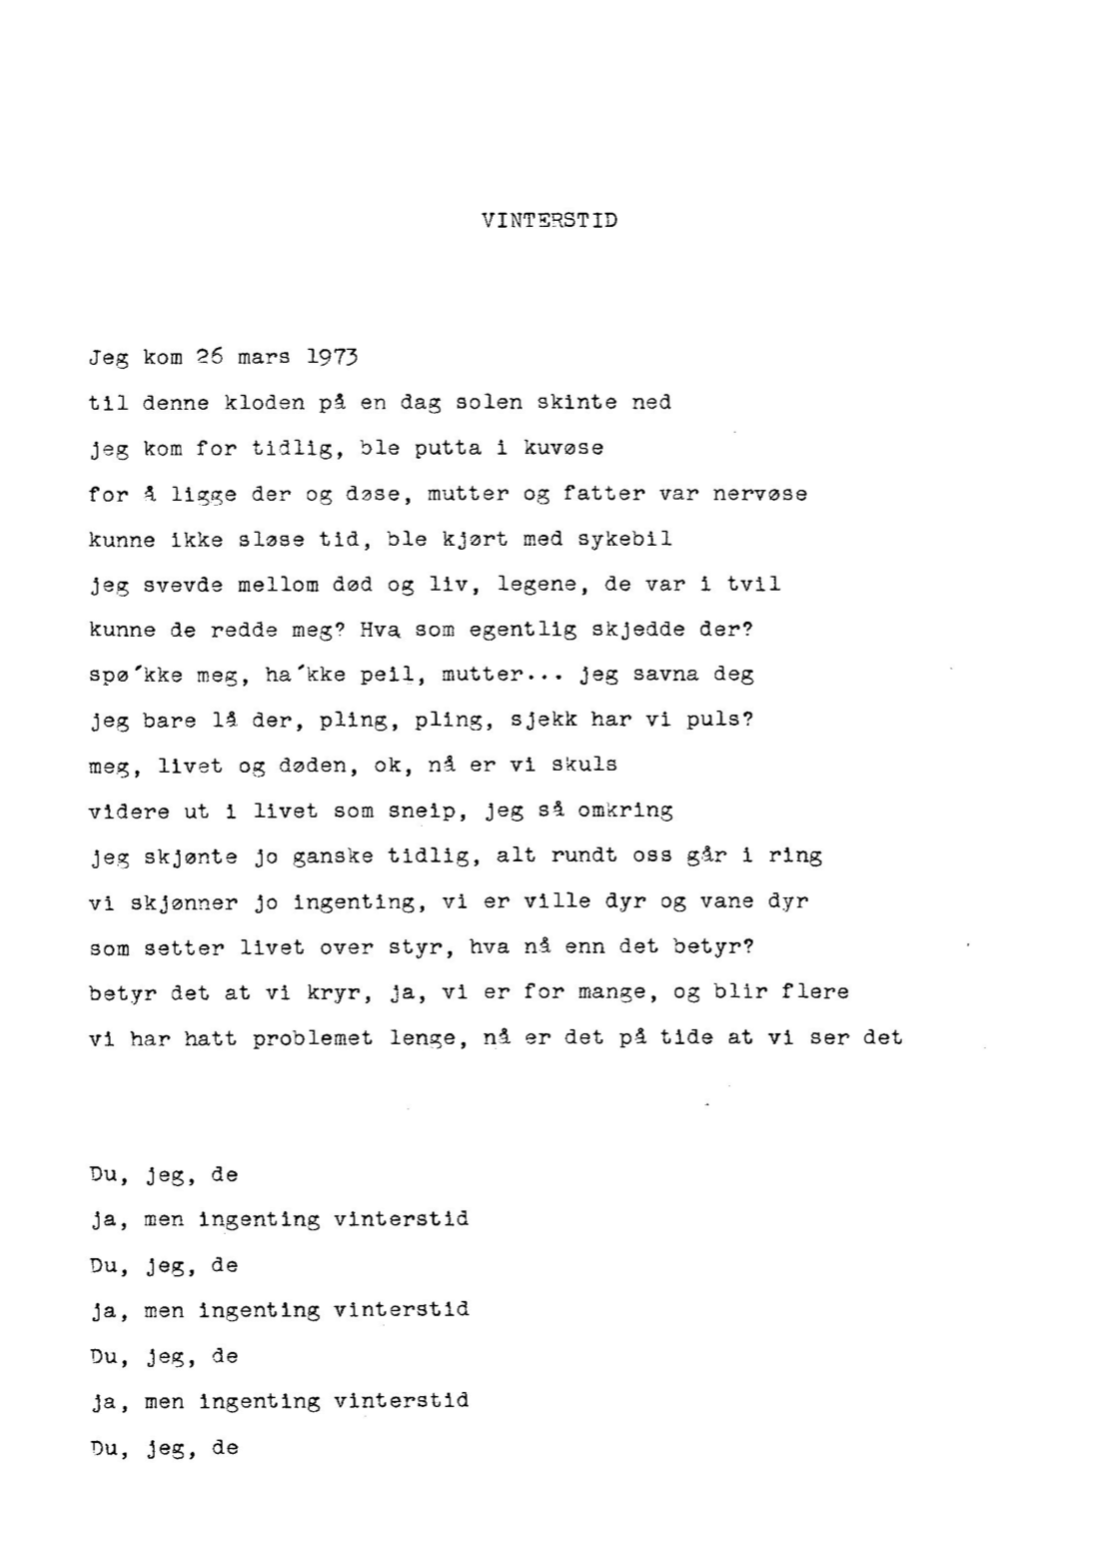 04 Vinterstid side 1